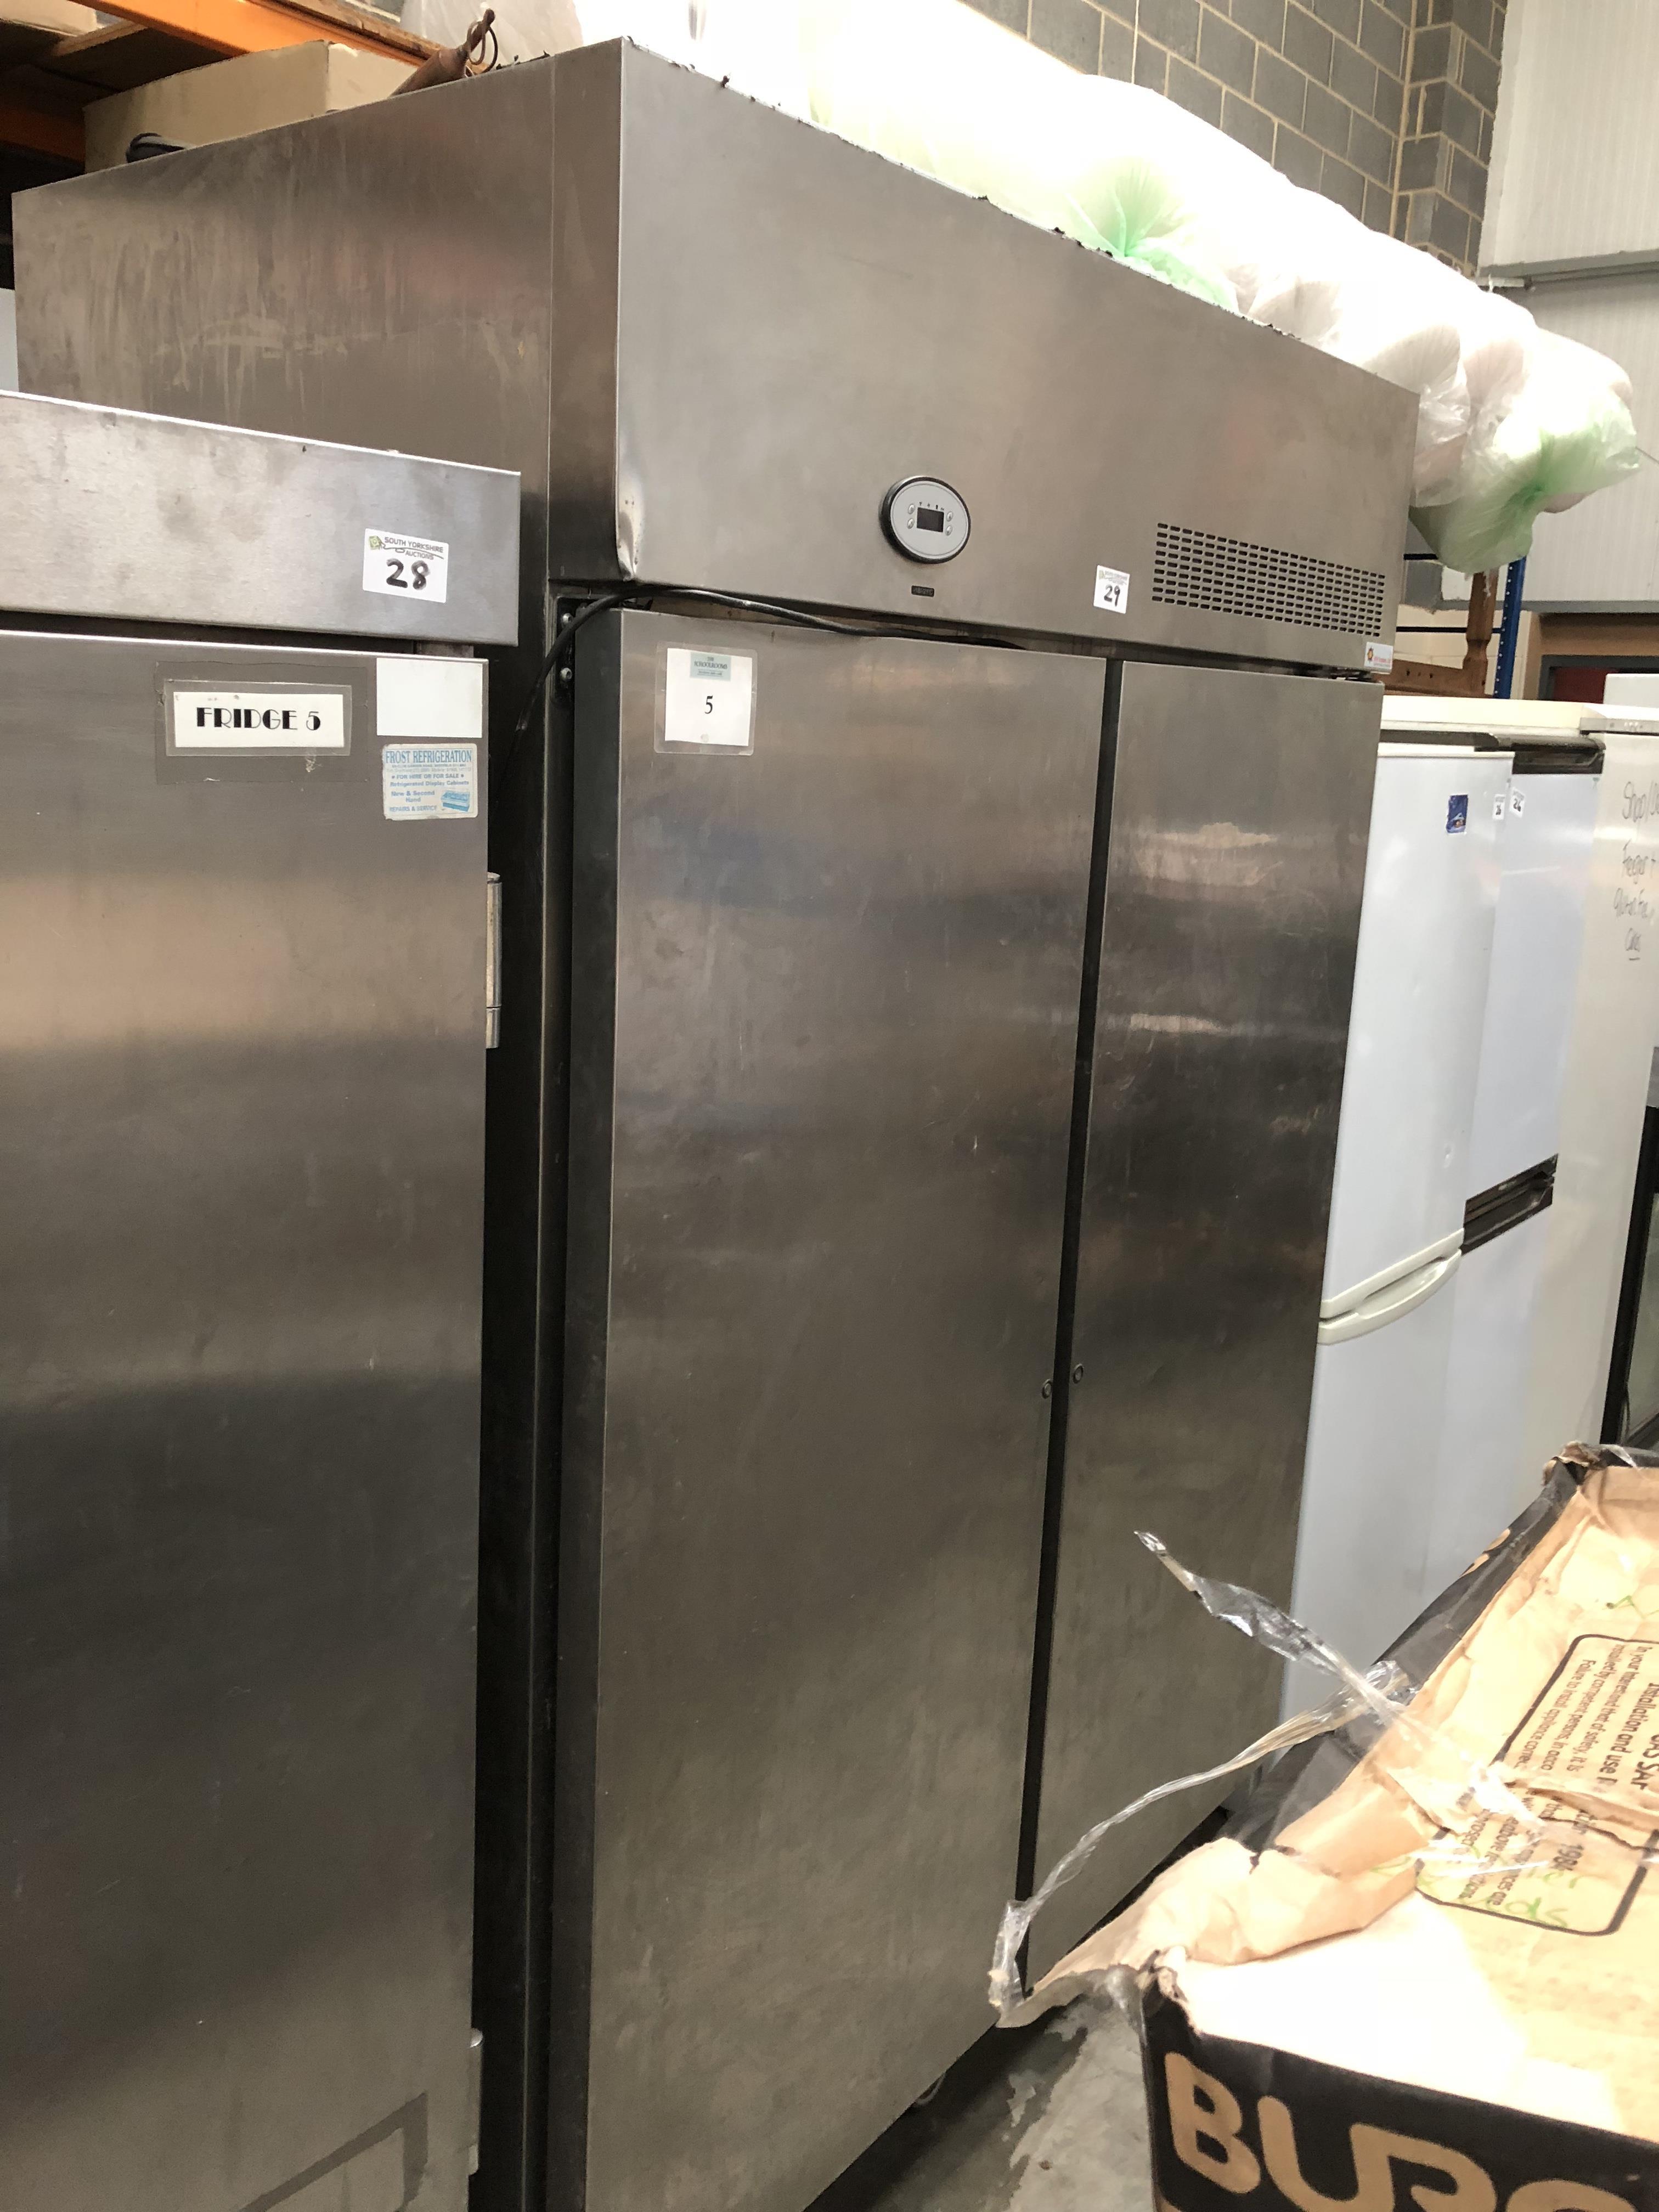 Lot 29 - Fosters Double Door Freezer